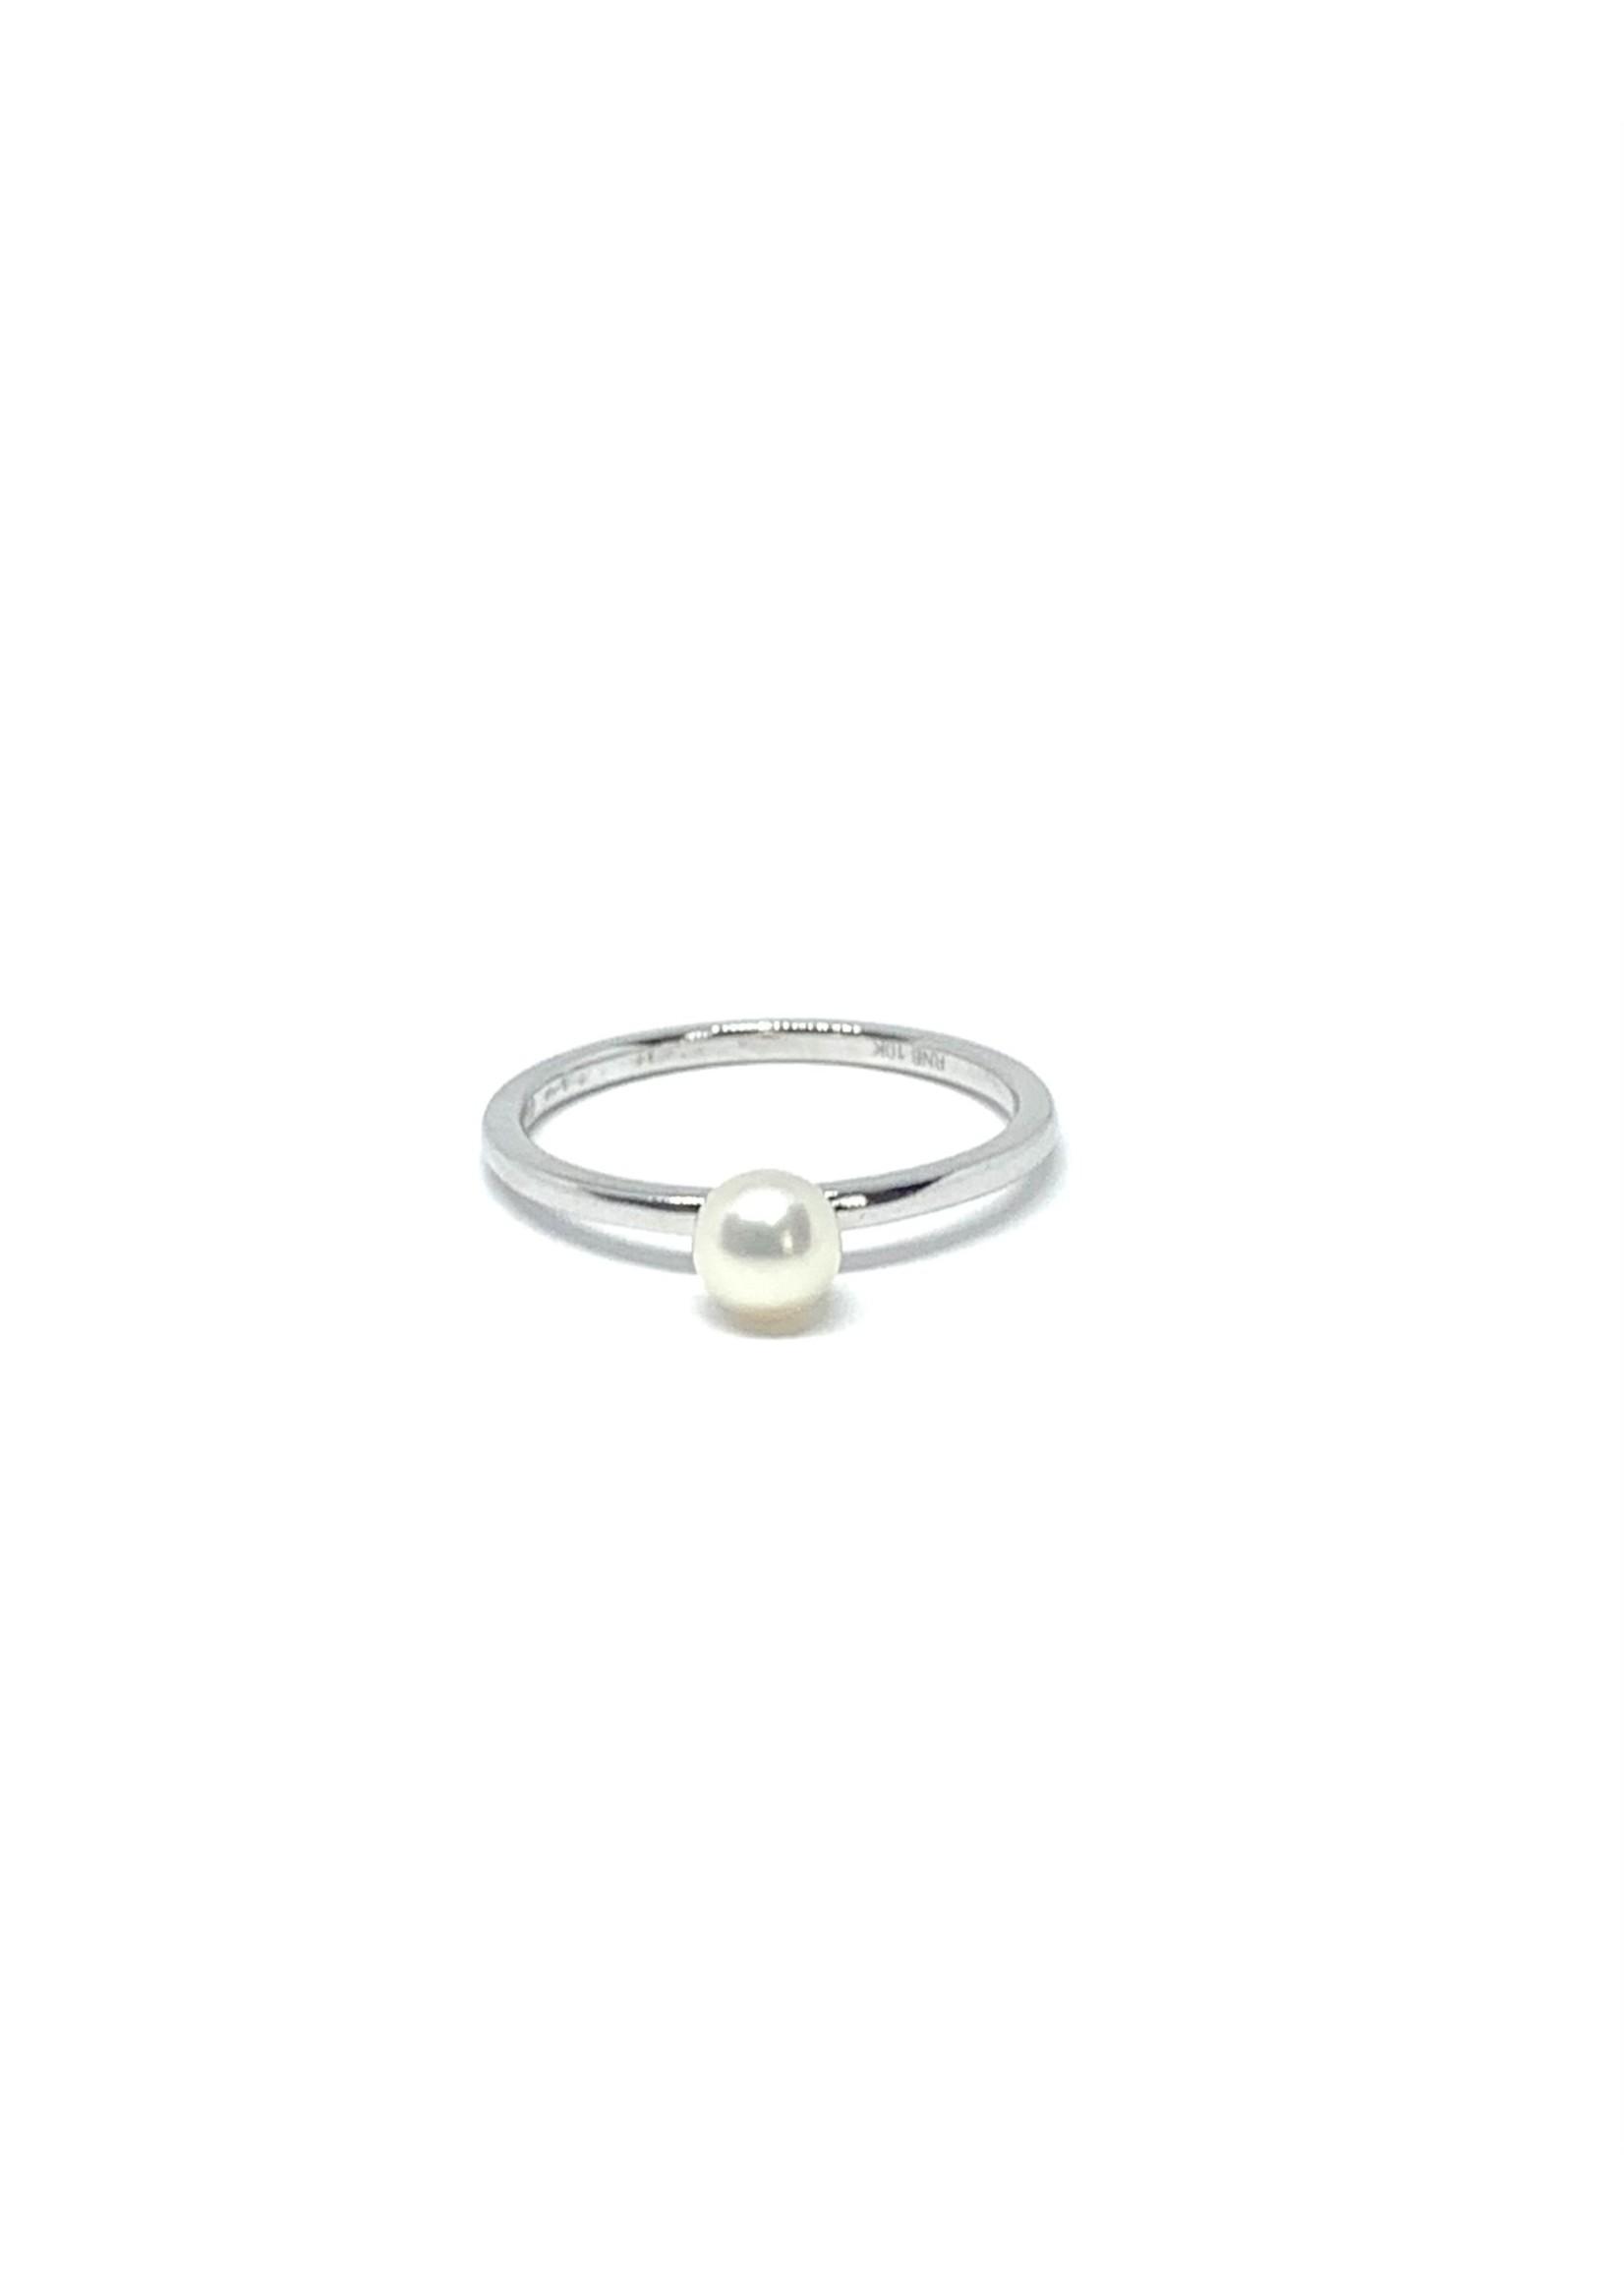 LokÜs Bague Or blanc 10K avec perle d'eau douce